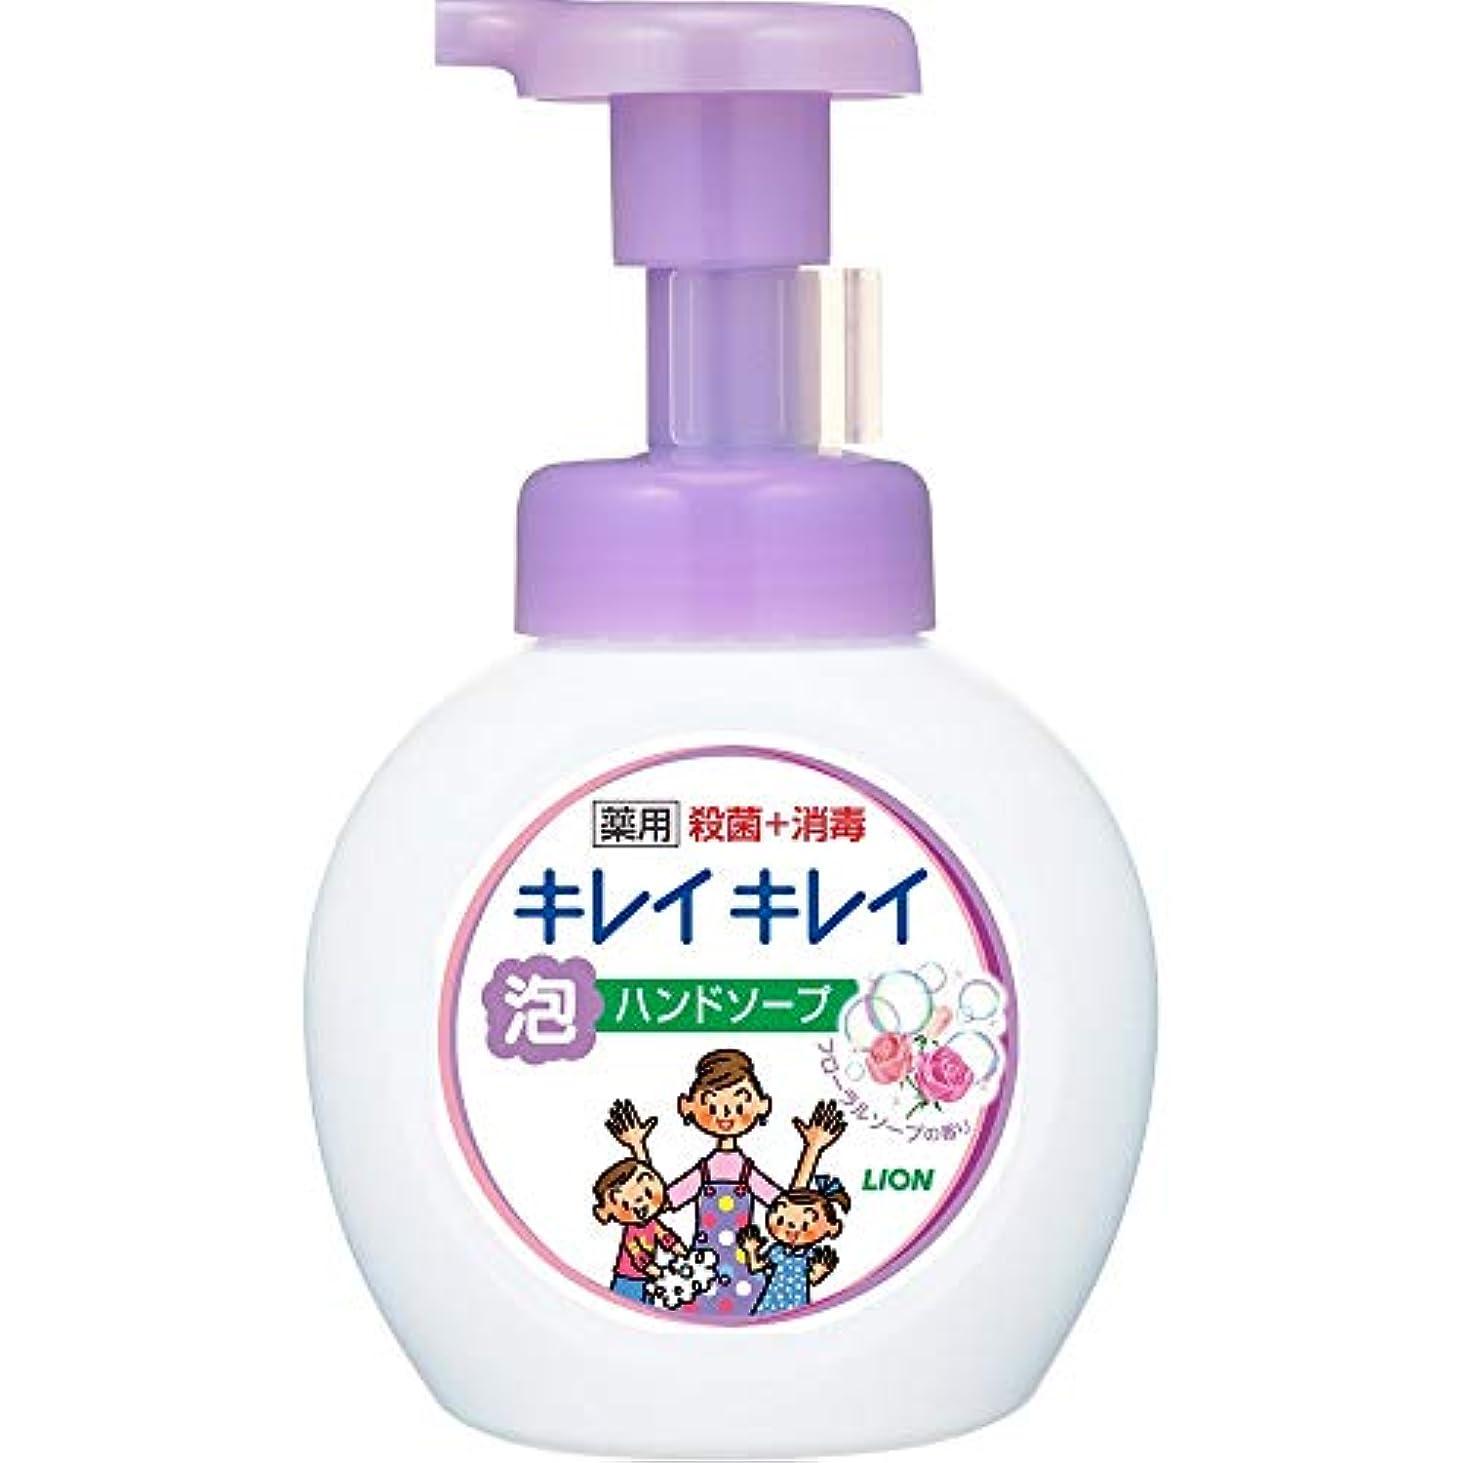 キレイキレイ薬用泡ハンドソープ フローラルソープの香り 本体250mL+詰替450mL